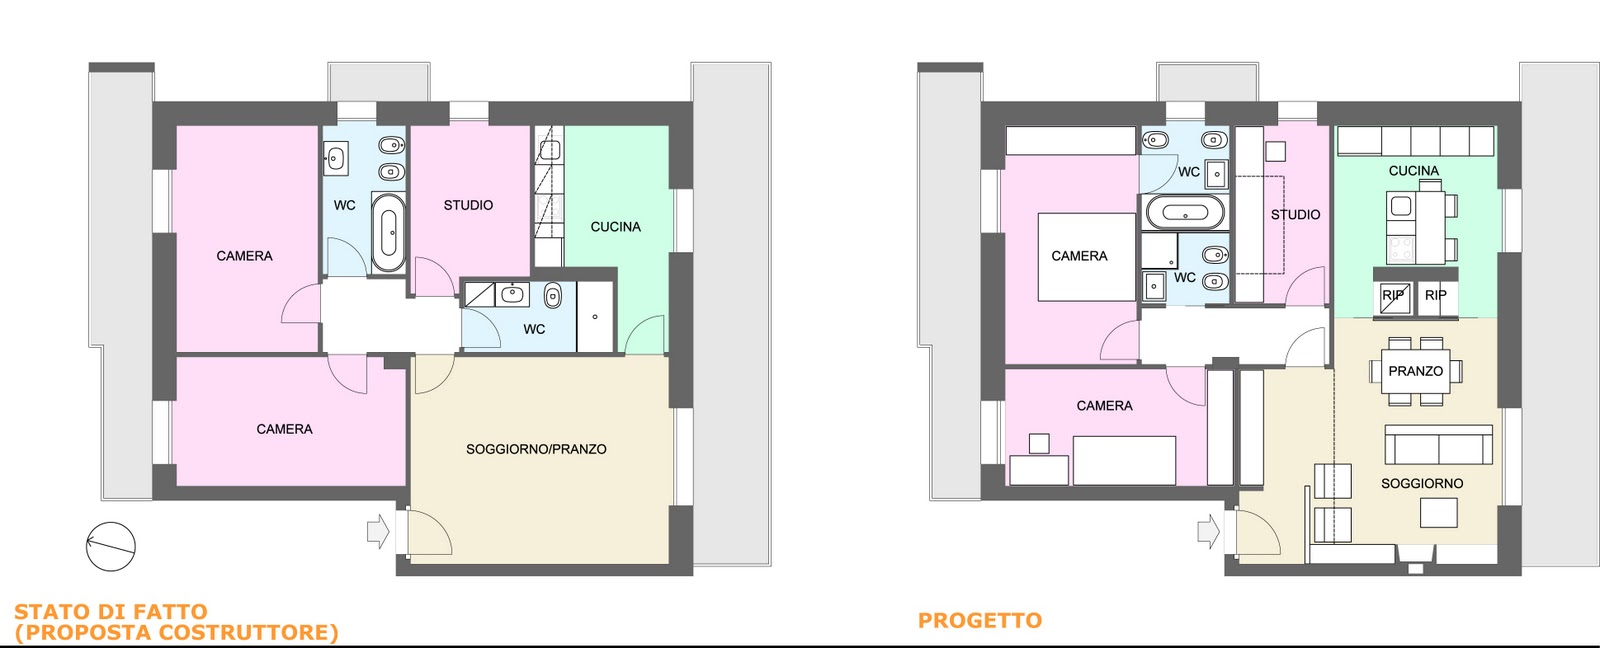 Appunti di architettura progettati da gk architetti for Cercatore di progetti di casa